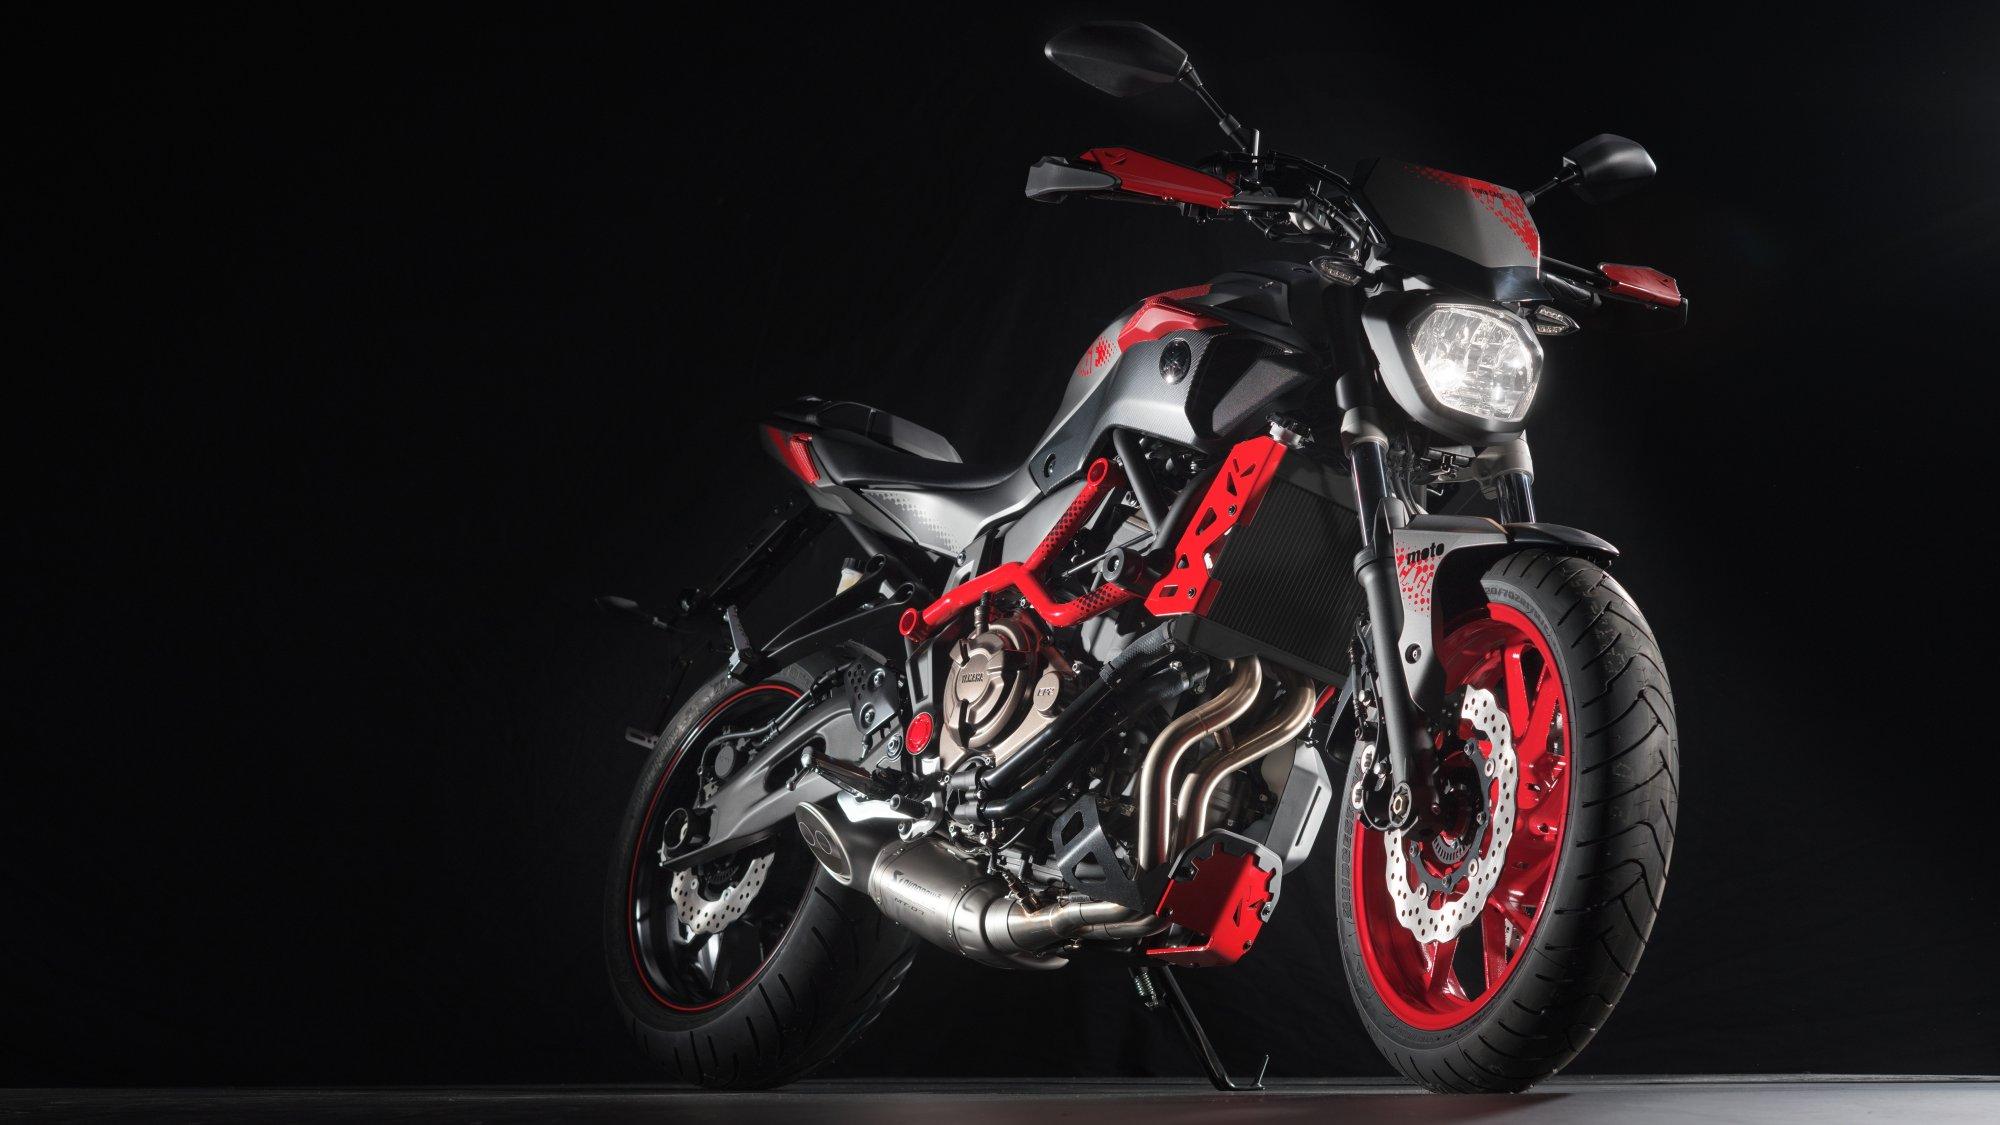 gebrauchte und neue yamaha mt 07 moto cage motorr der kaufen. Black Bedroom Furniture Sets. Home Design Ideas